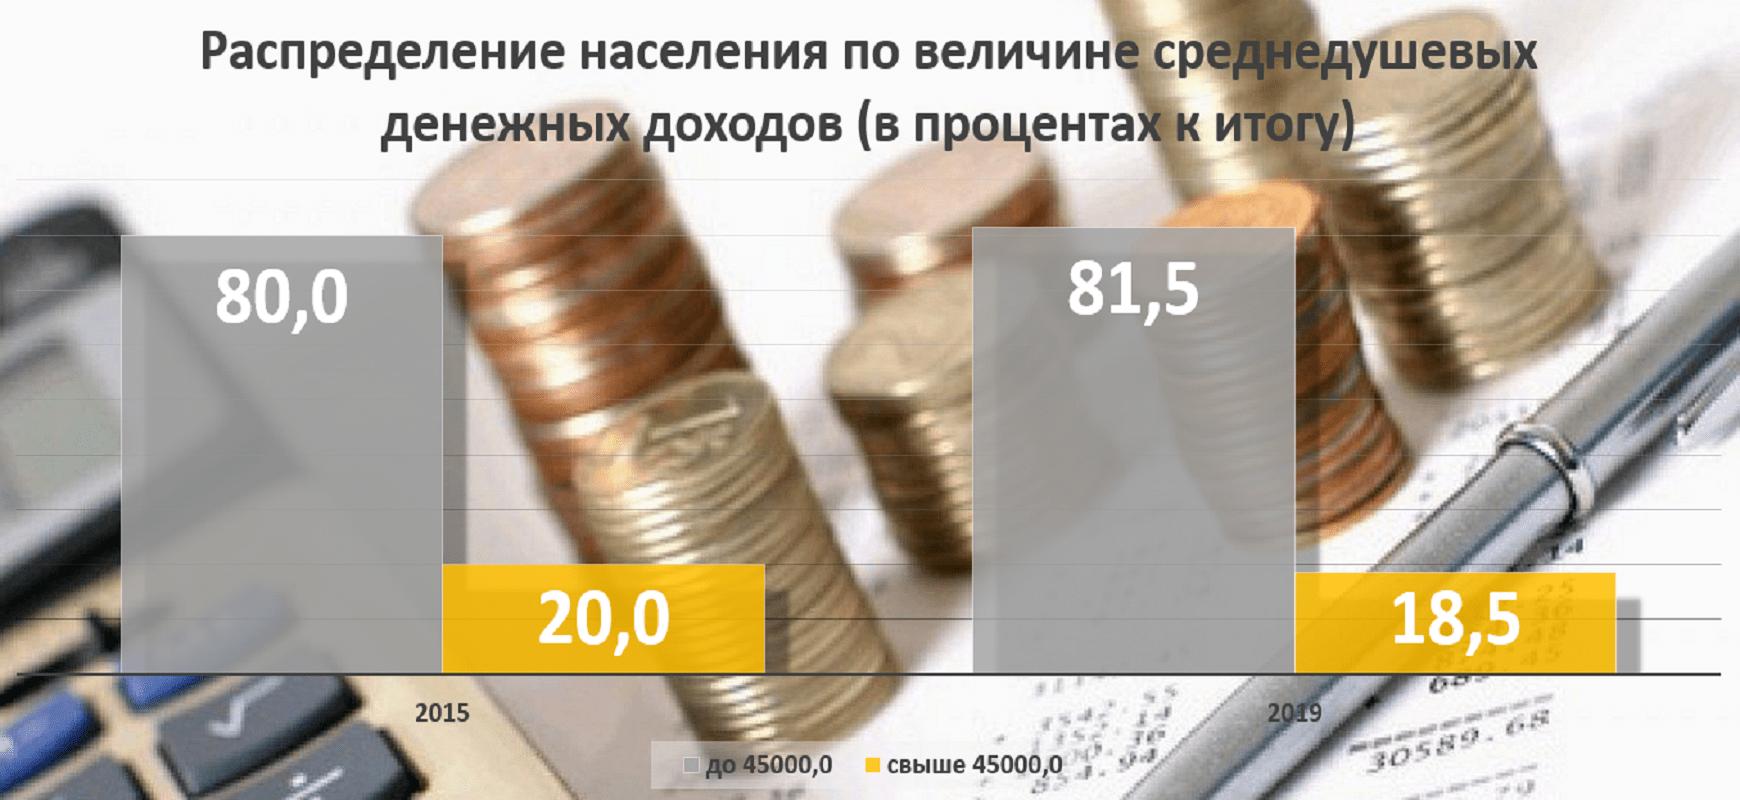 Среднего класса в Пермском крае стало меньше